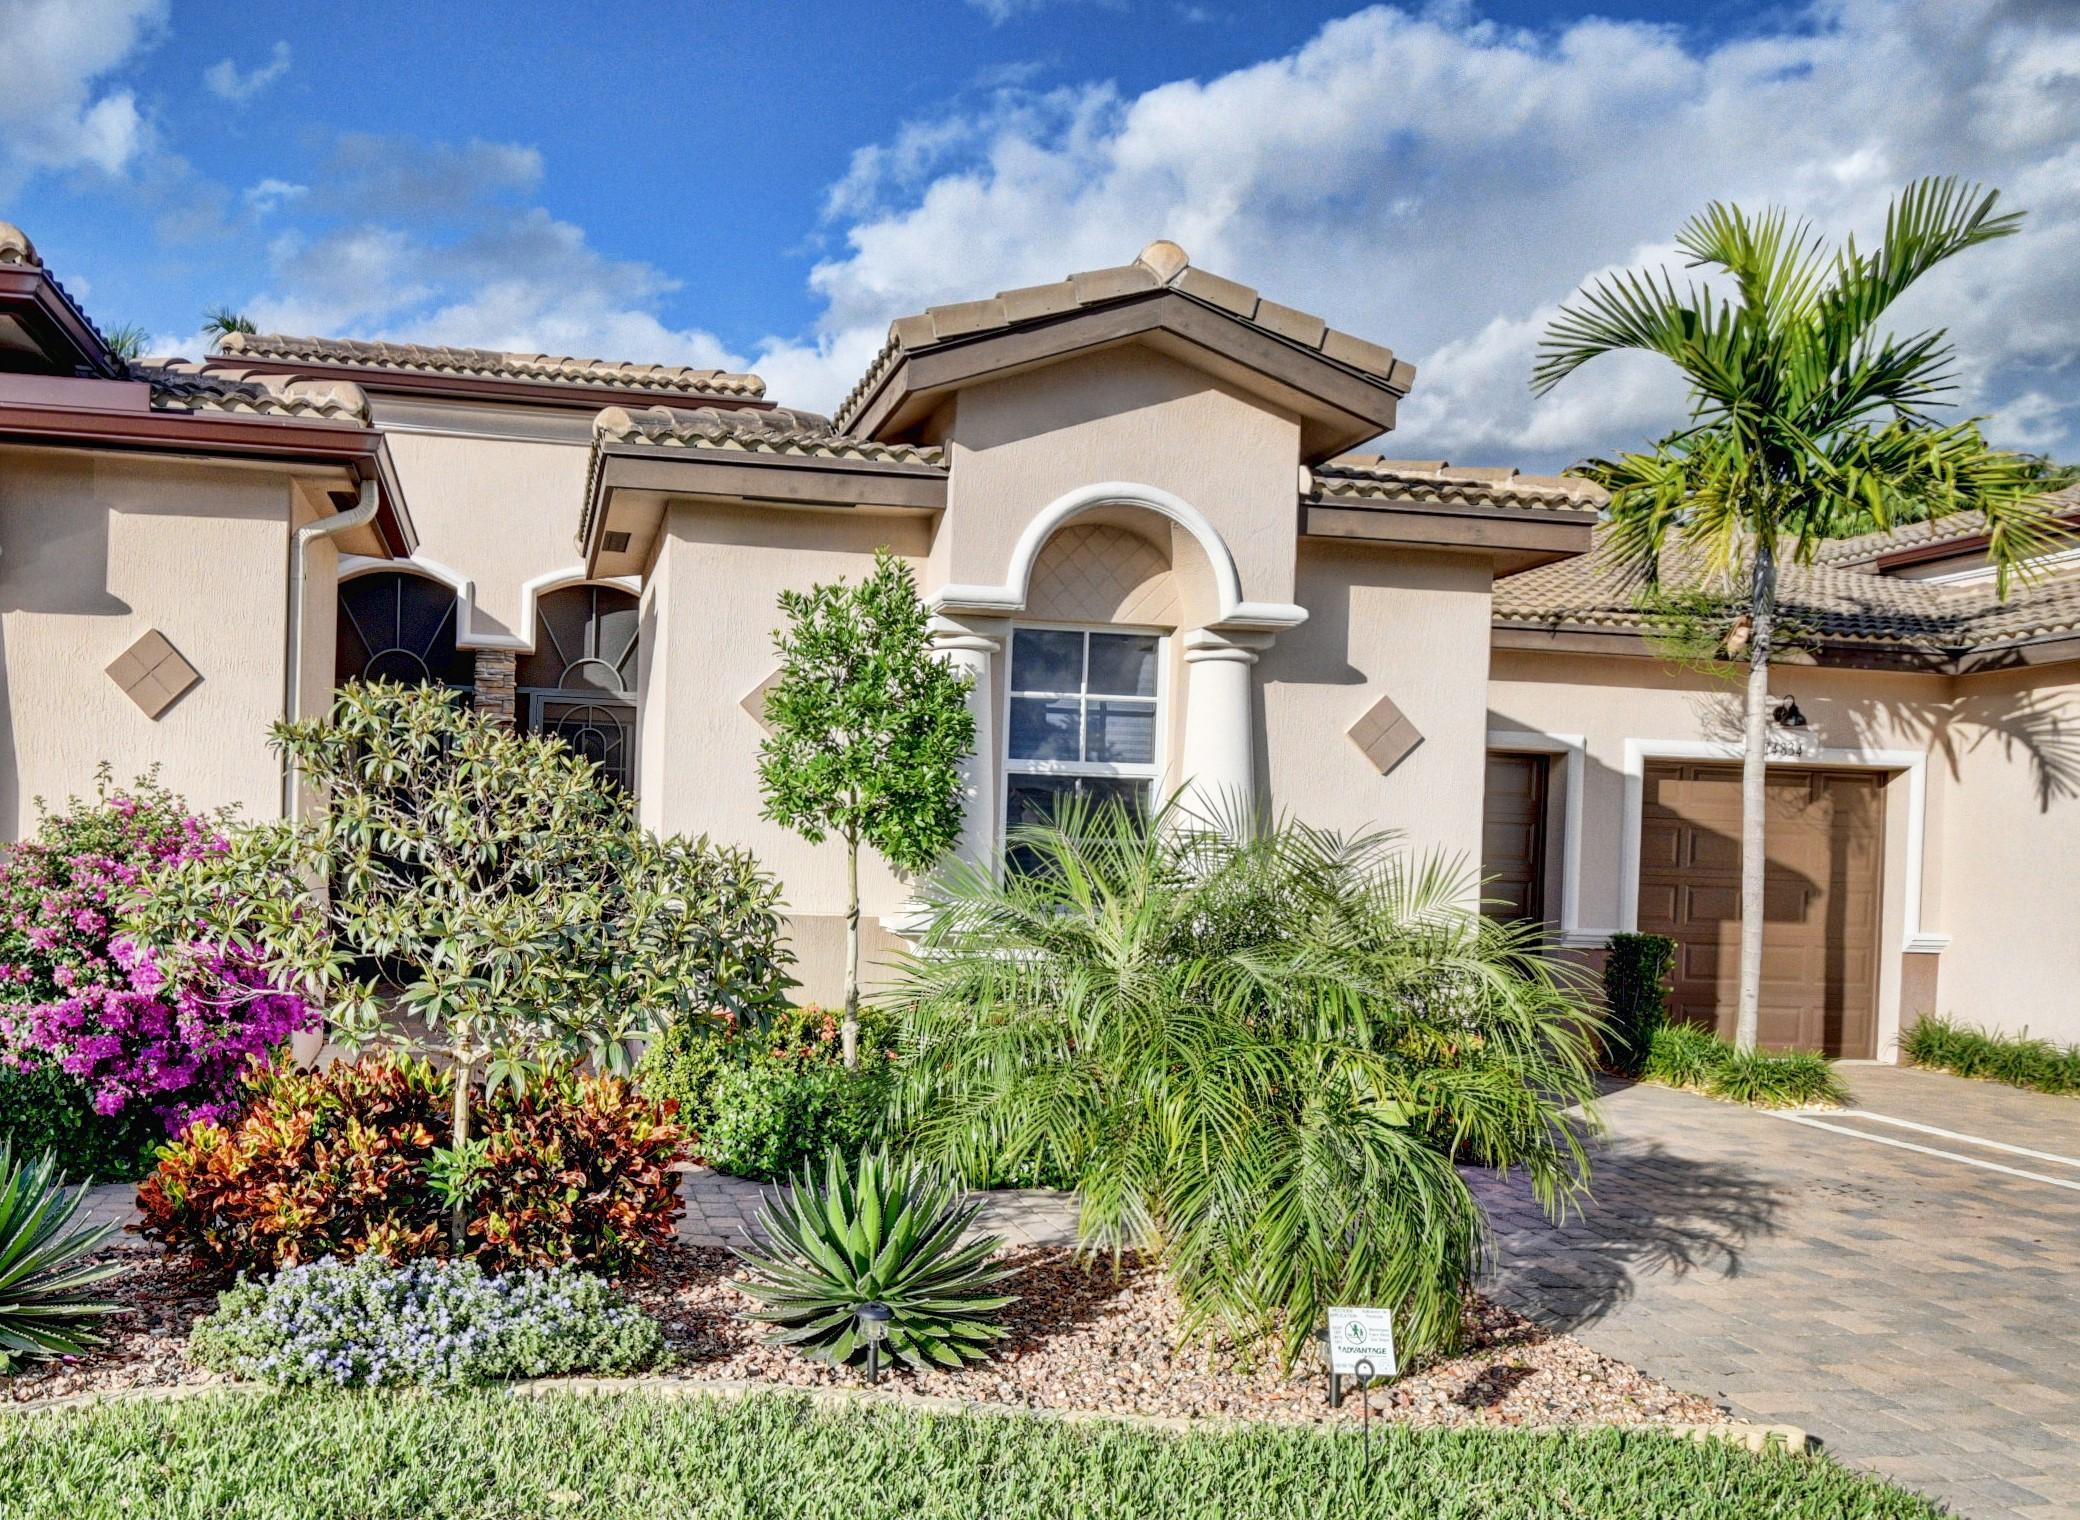 VILLAGGIO RESERVE home 14828 Via Porta Delray Beach FL 33446